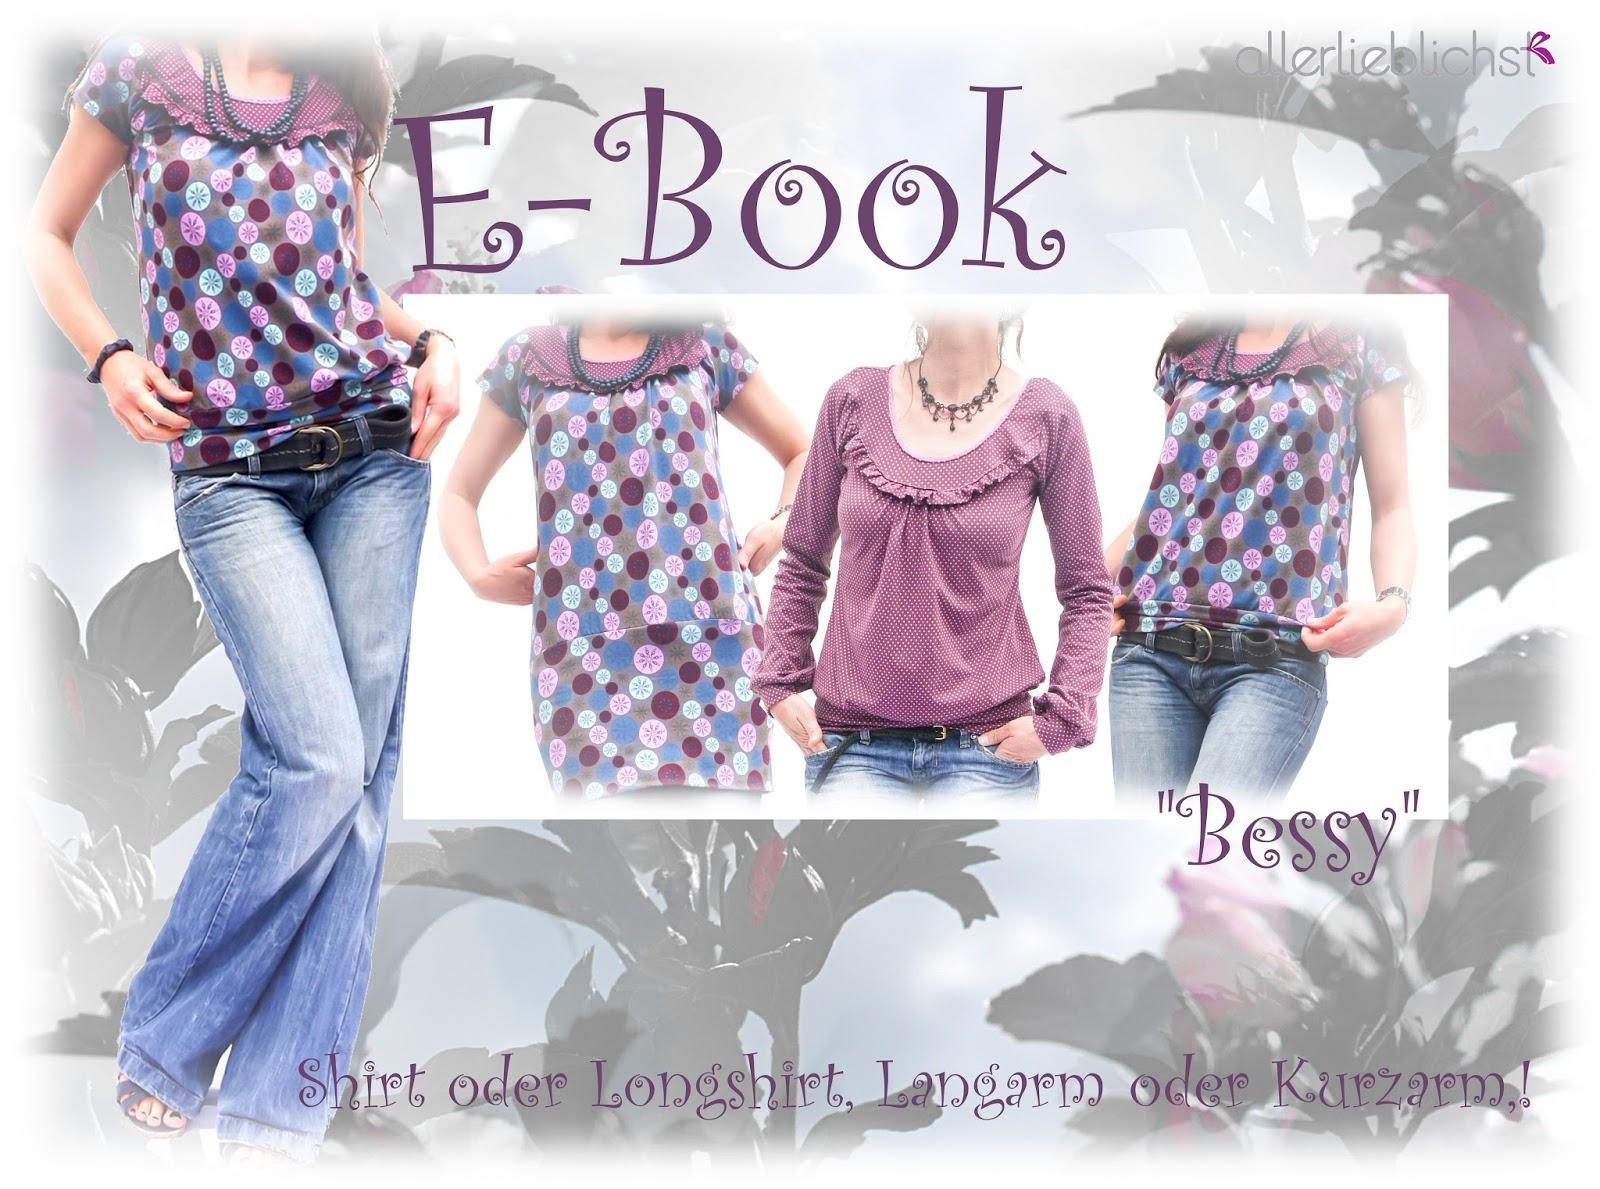 http://www.allerlieblichst.de/E-Book-Bessy